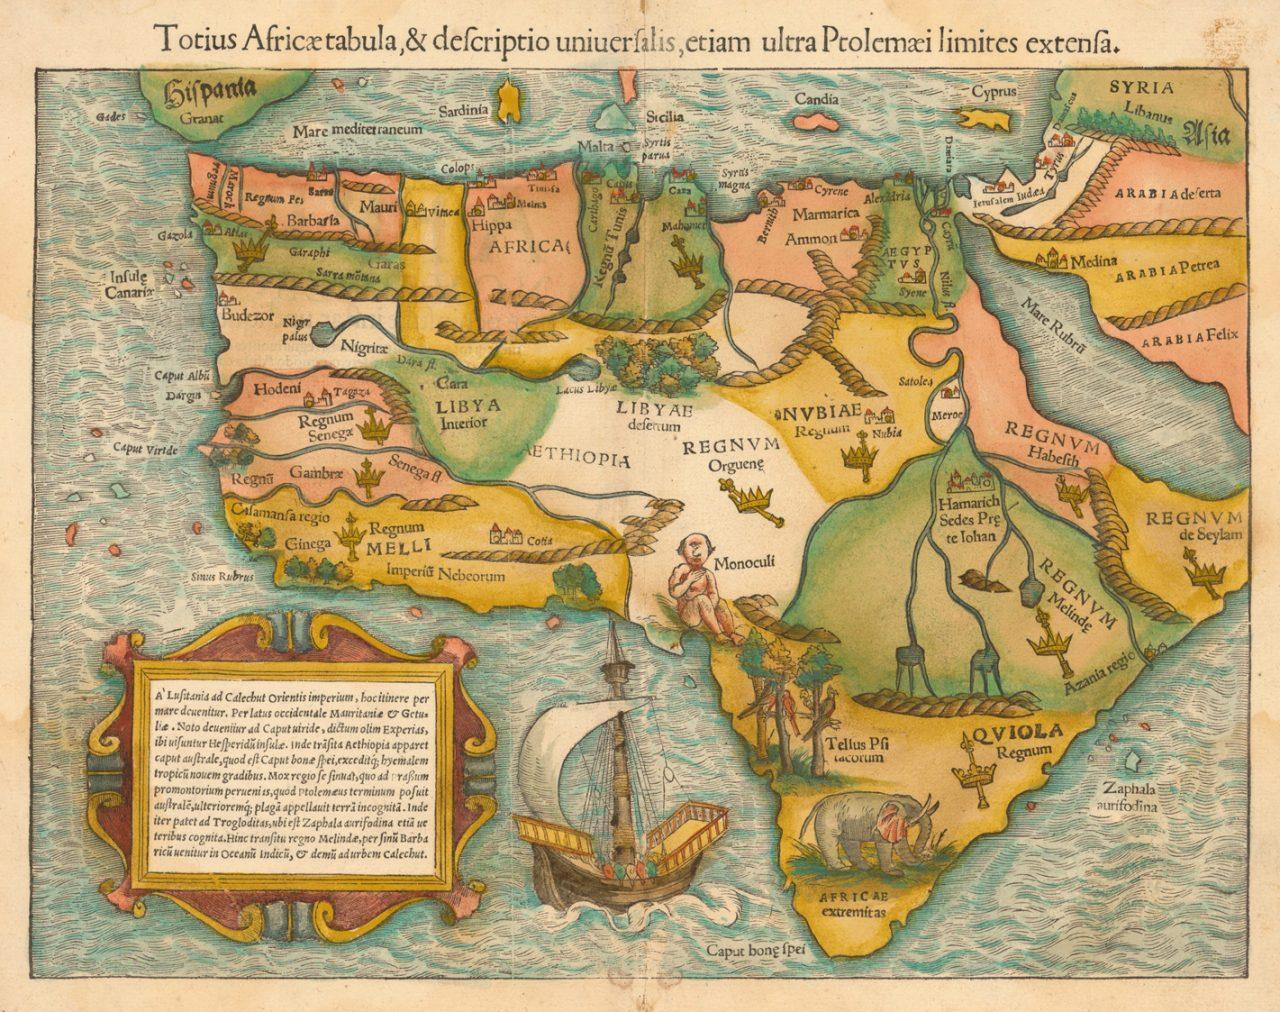 El primer mapa de África